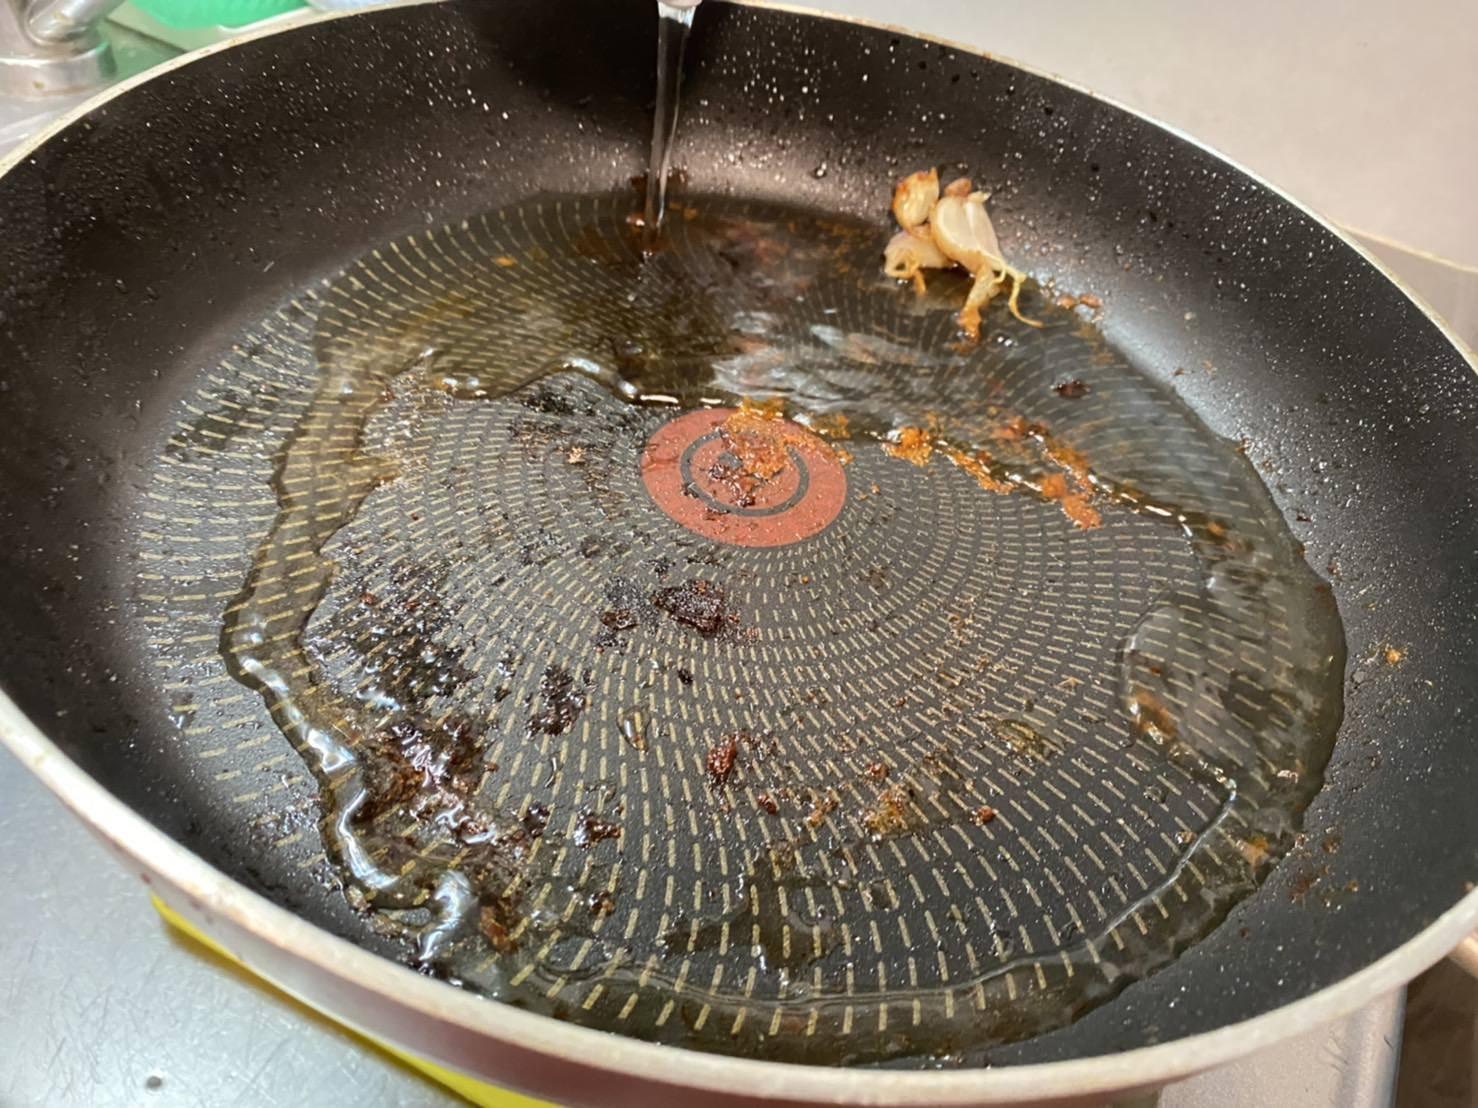 鍋に水を入れている様子の画像です